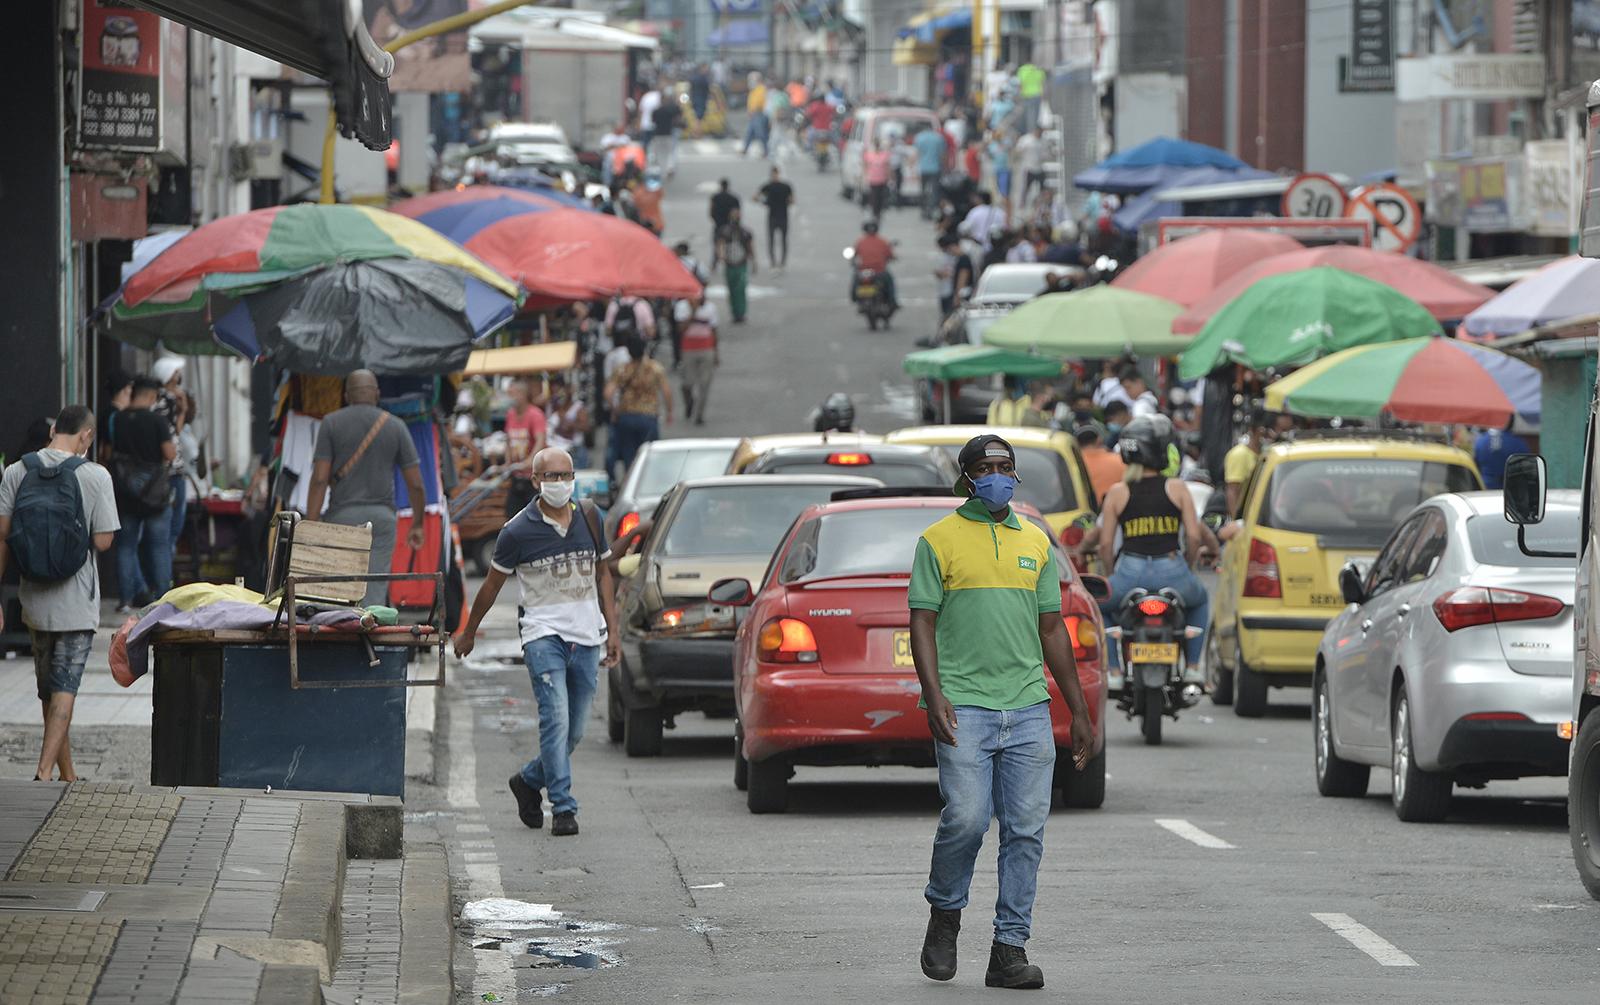 Coronavirus: Brasil registra nuevo récord de fallecidos en 24 horas; oposición y gobierno logran acuerdo para enfrentar pandemia en Venezuela